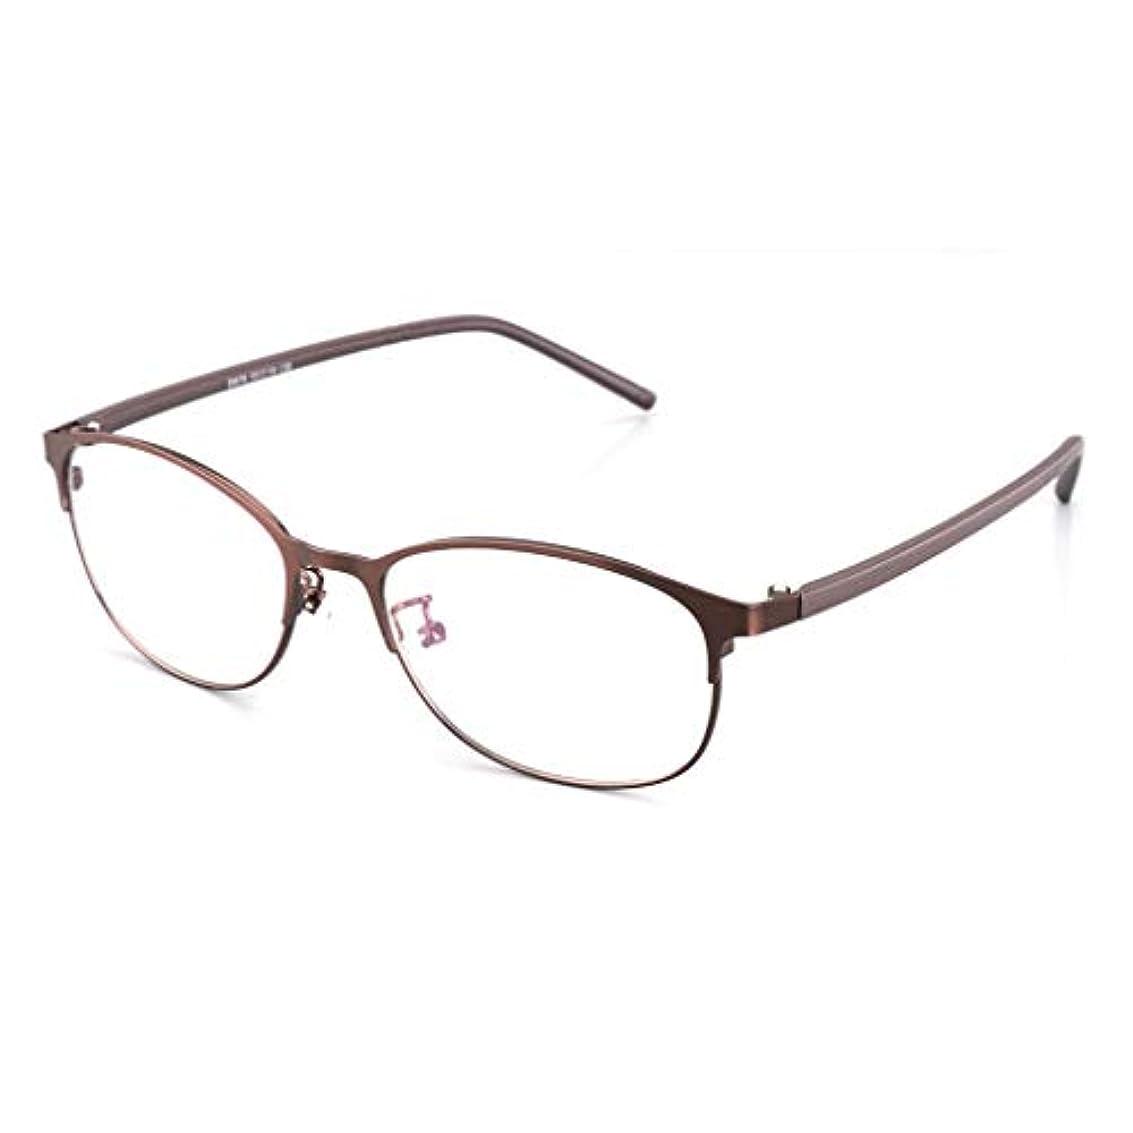 悲鳴雑多ないらいらするインテリジェント老眼鏡 累進多焦点老眼鏡、サンフォトクロミックメガネ、ユニセックスメタルフレームサングラス、屋内外での使用、調整可能なビジョン/アンチUV/インテリジェントカラーチェンジ